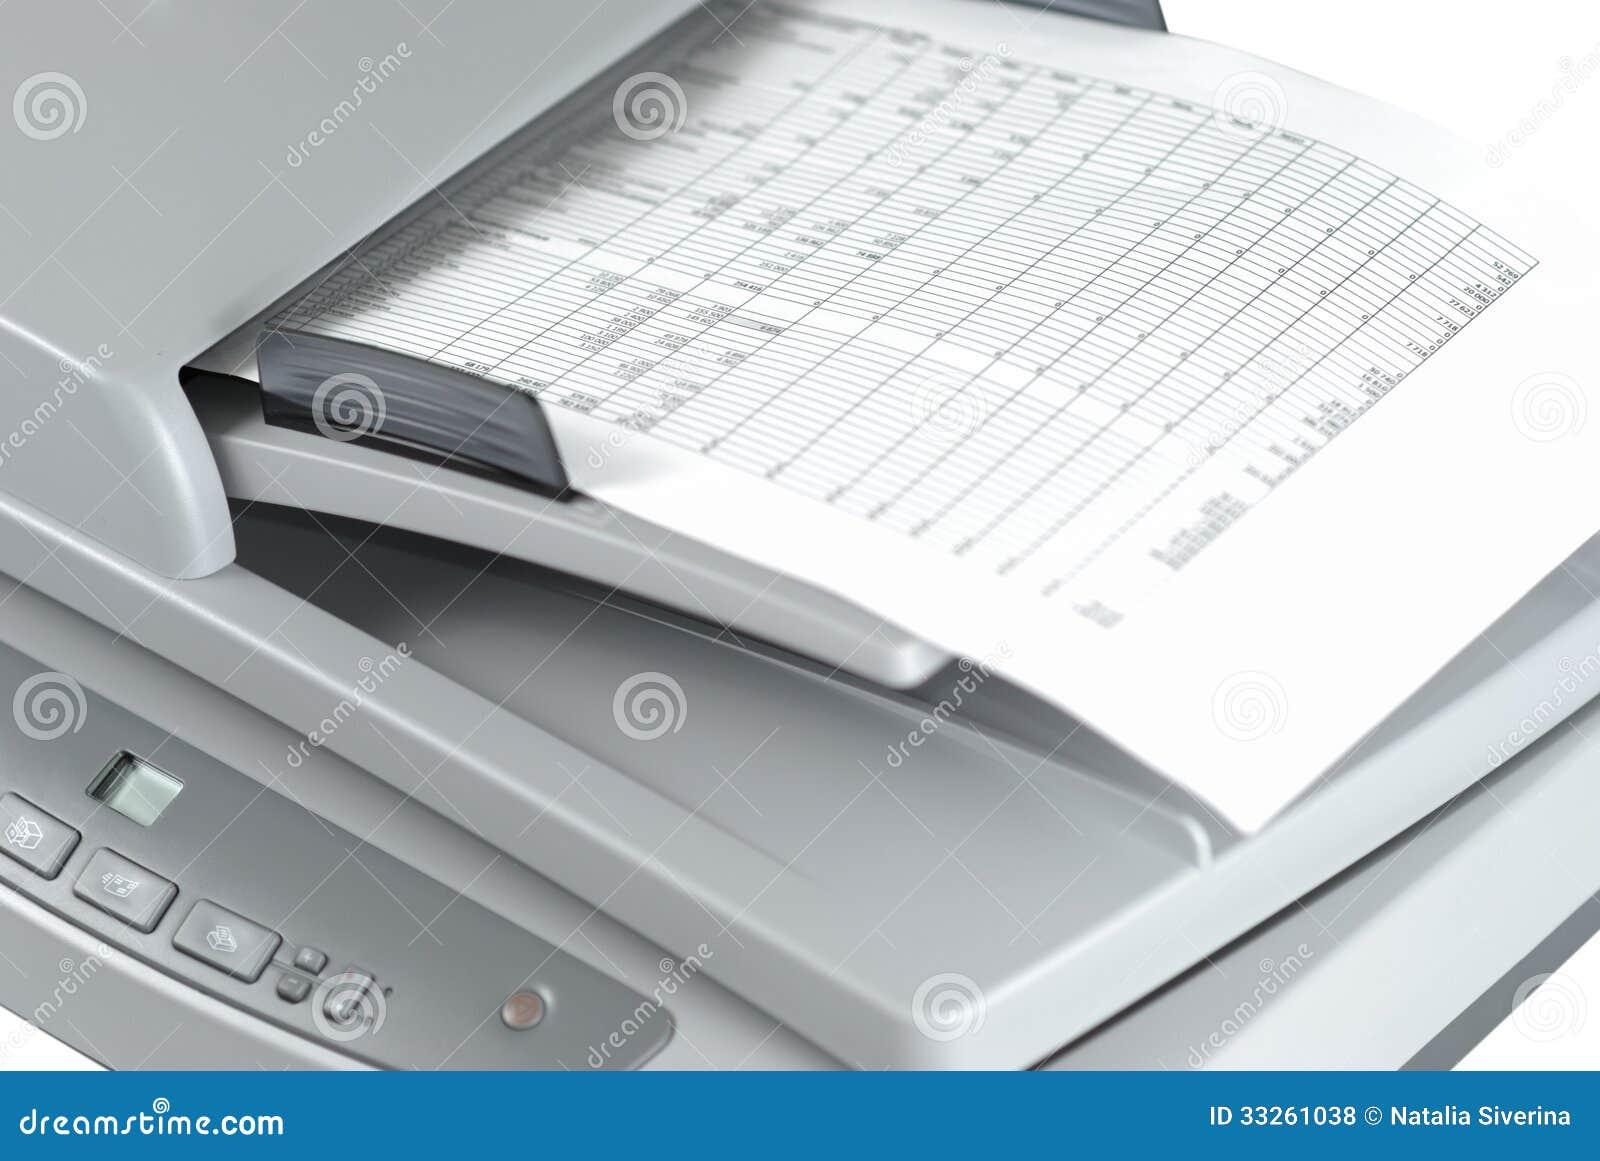 Scanner met Document